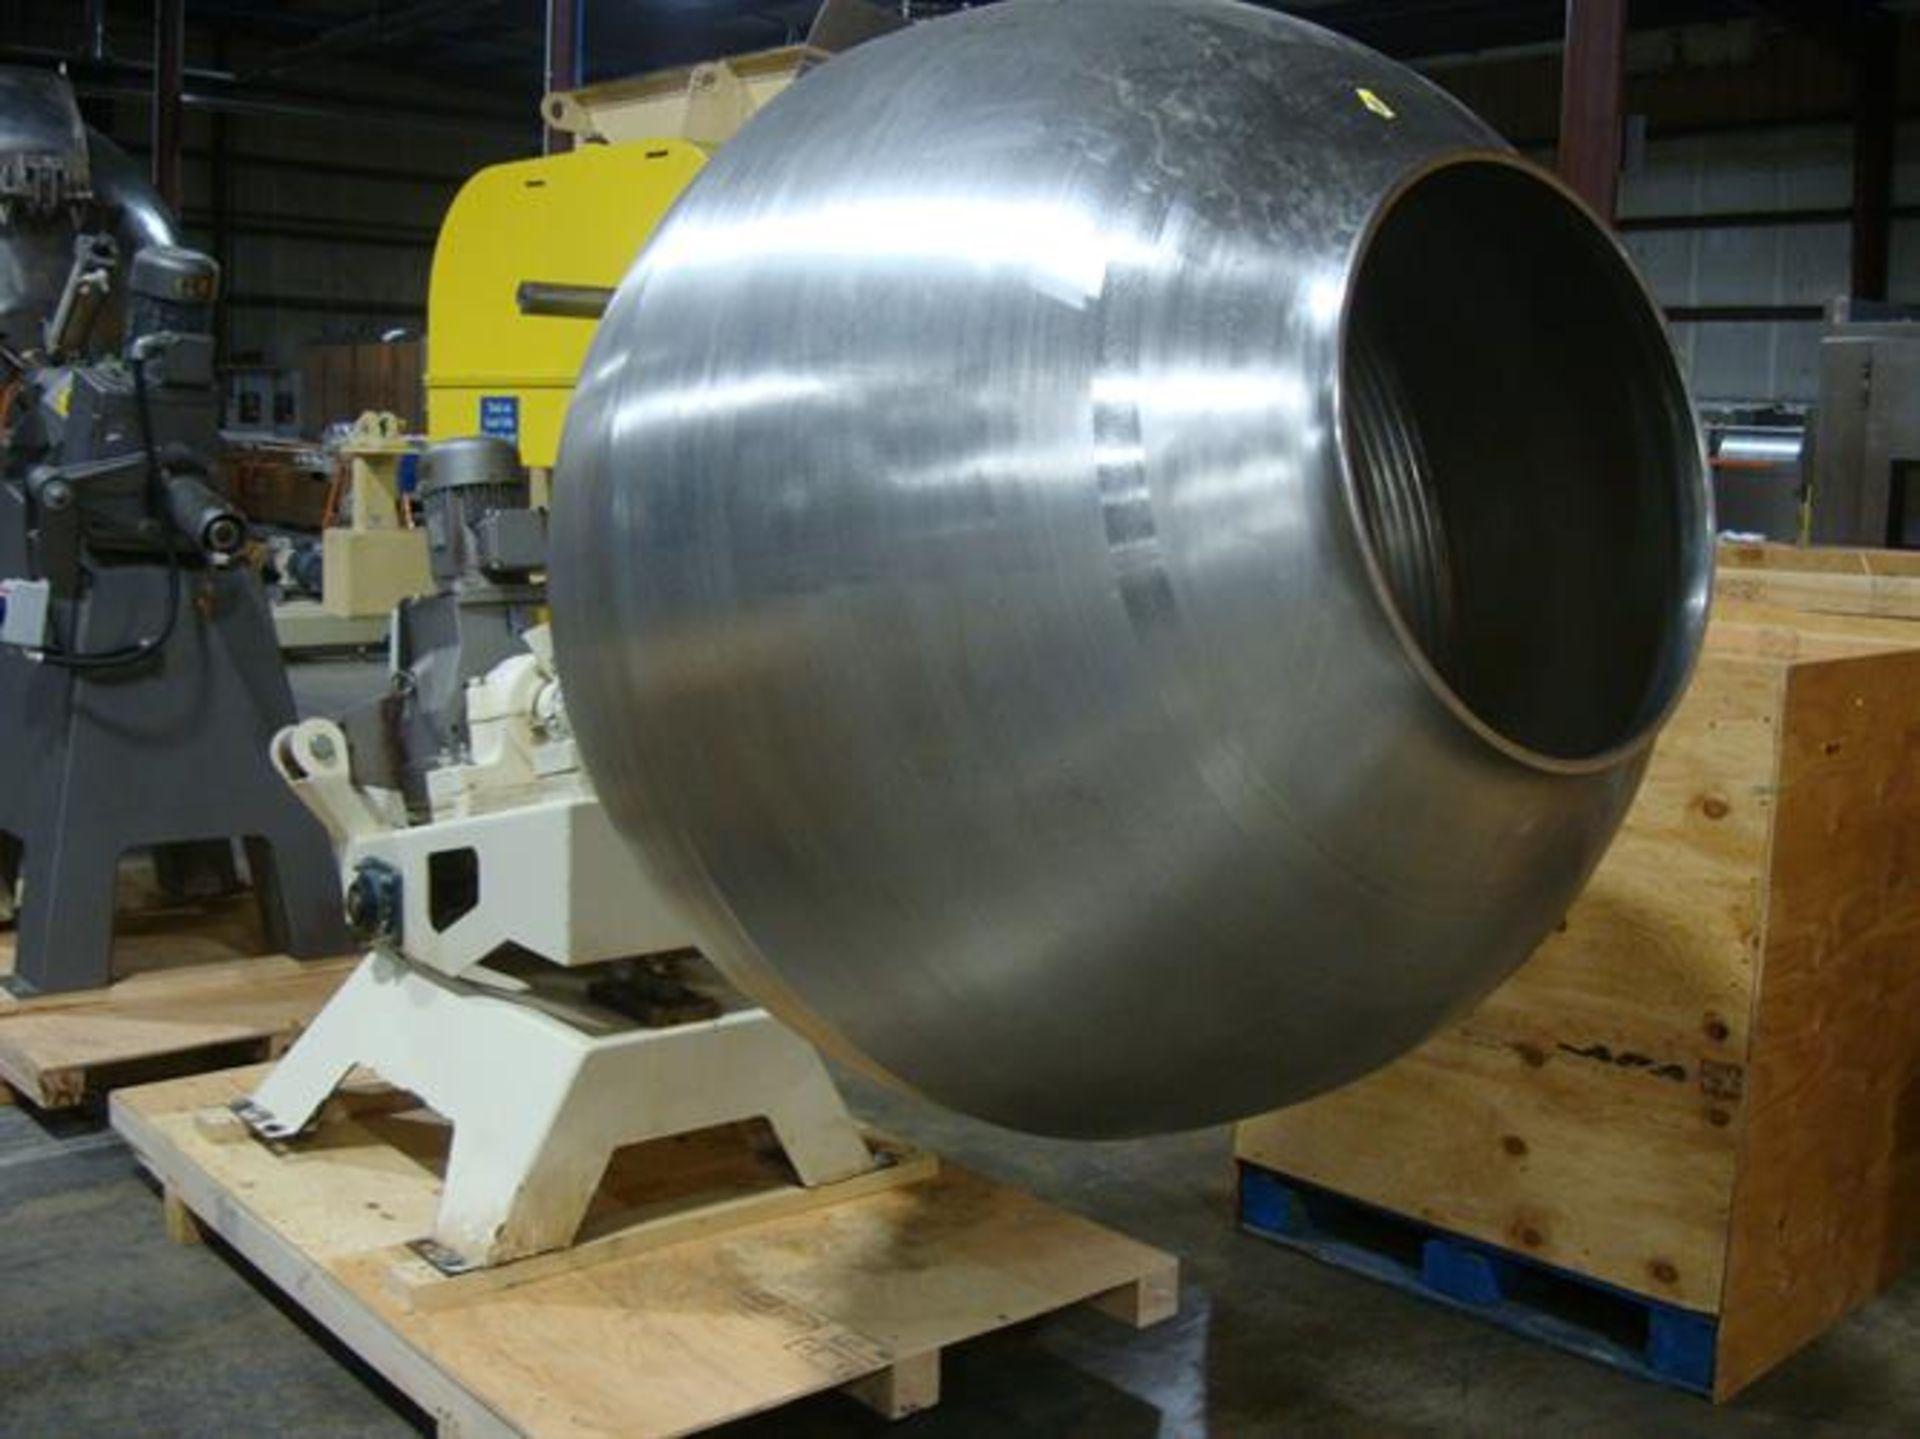 """Coating Pan 52"""" Diameter Stainless Steel Polishing Pan - 52"""" diameter - Plastic ribs screwed in from - Image 4 of 4"""